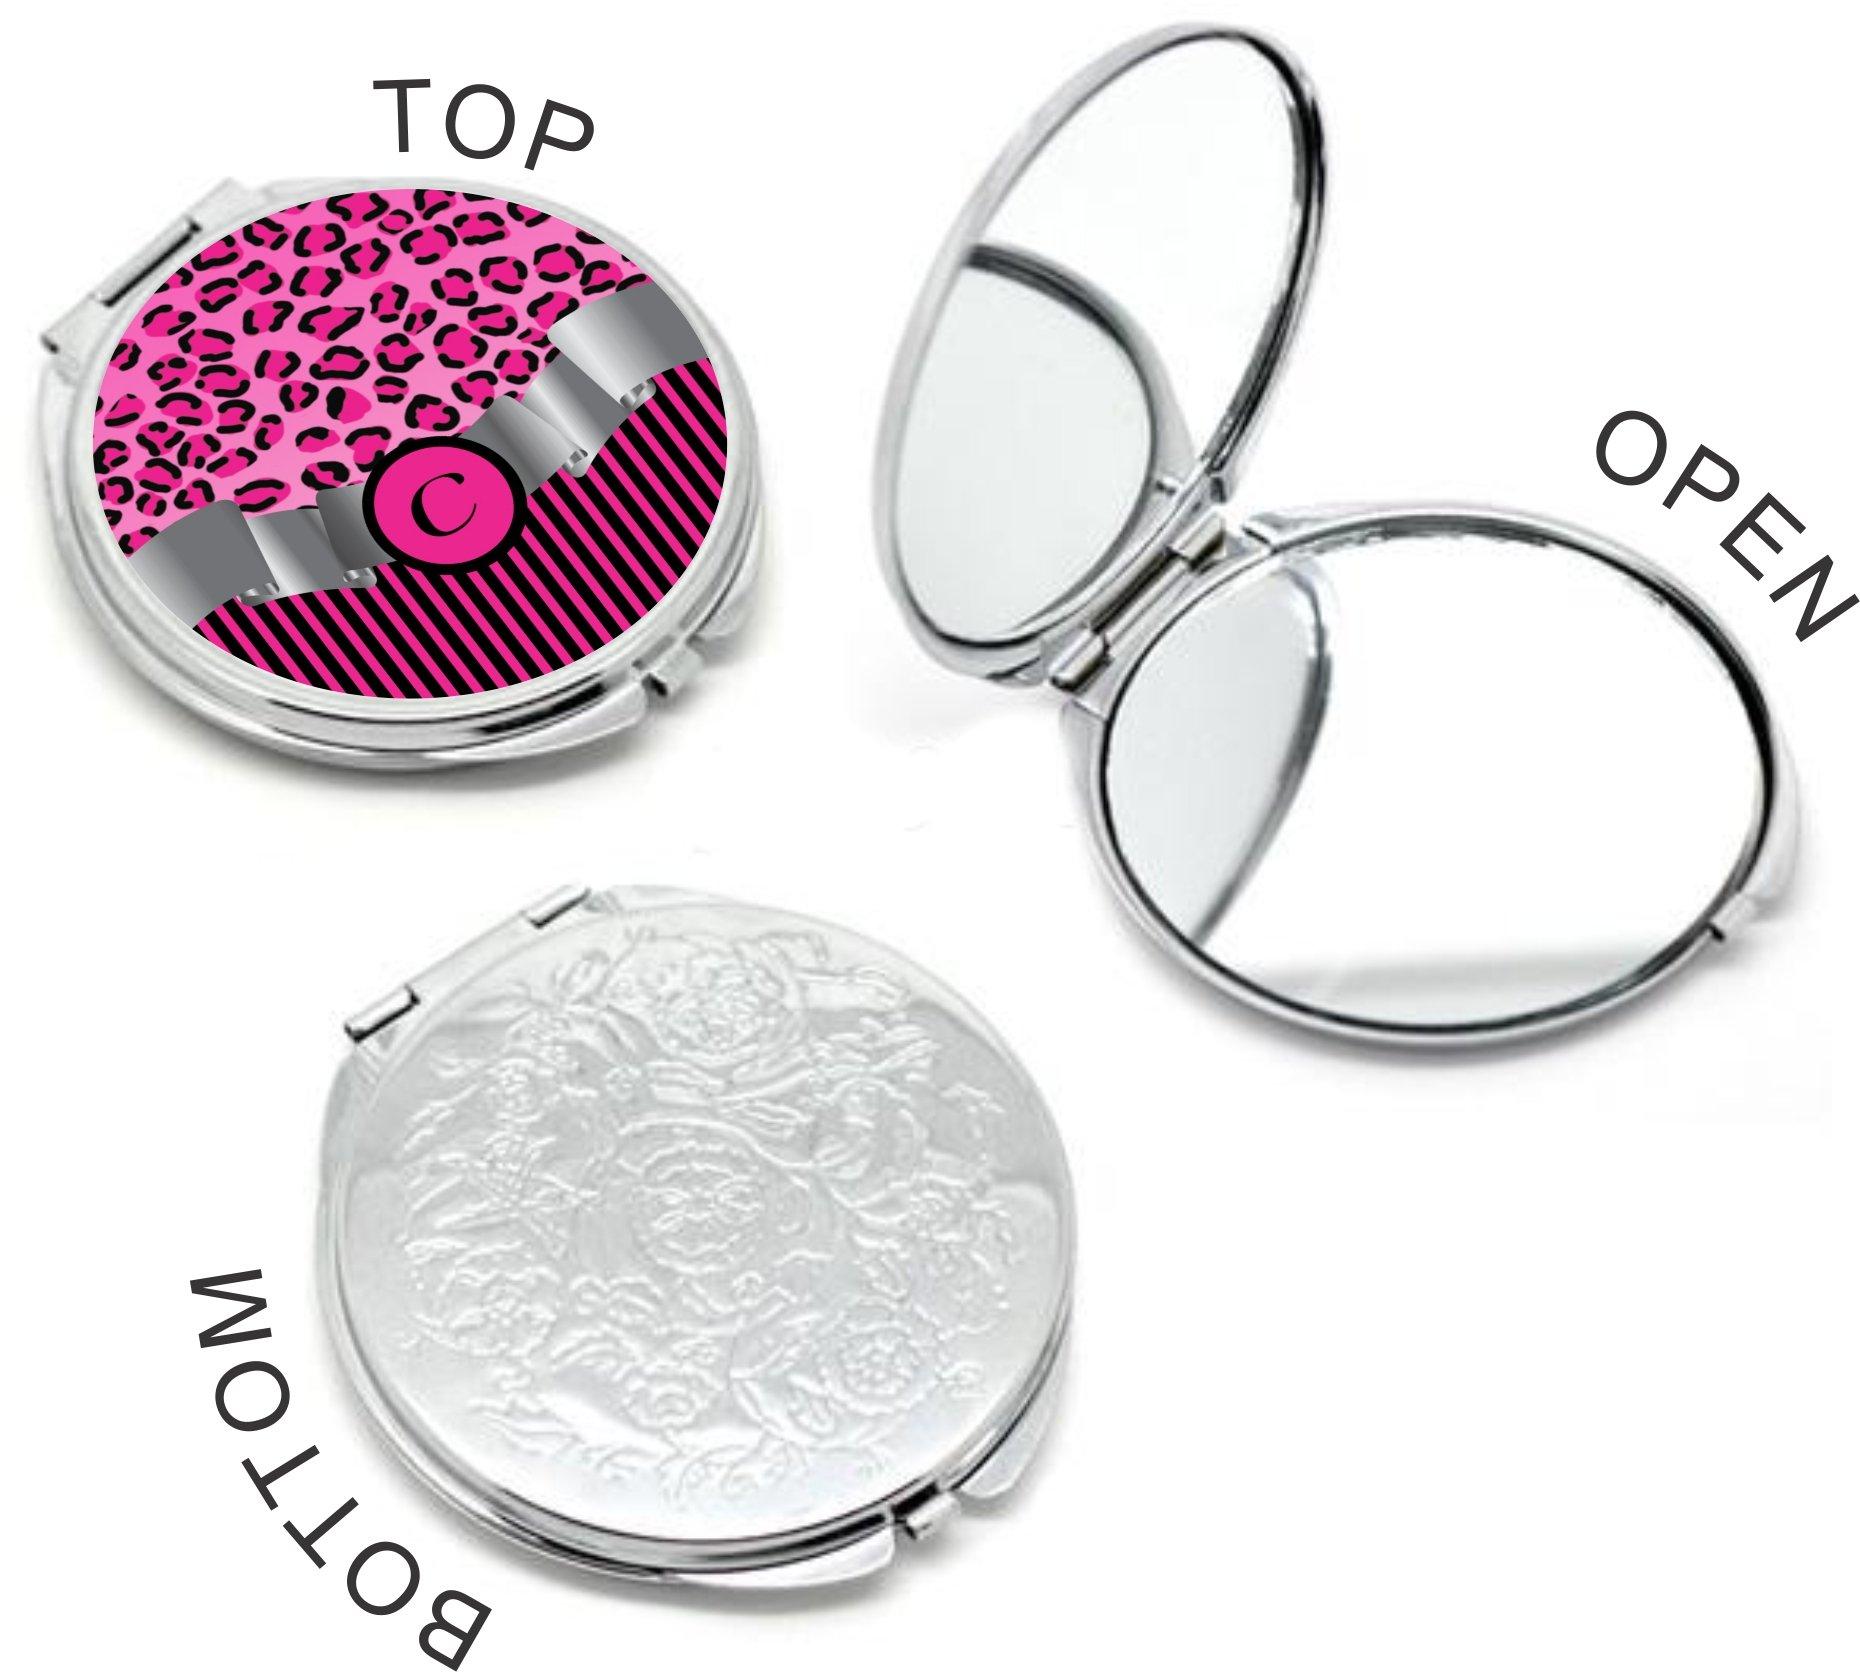 Rikki Knight Letter''C'' Hot Pink Leopard Print Stripes Monogram Design Round Compact Mirror